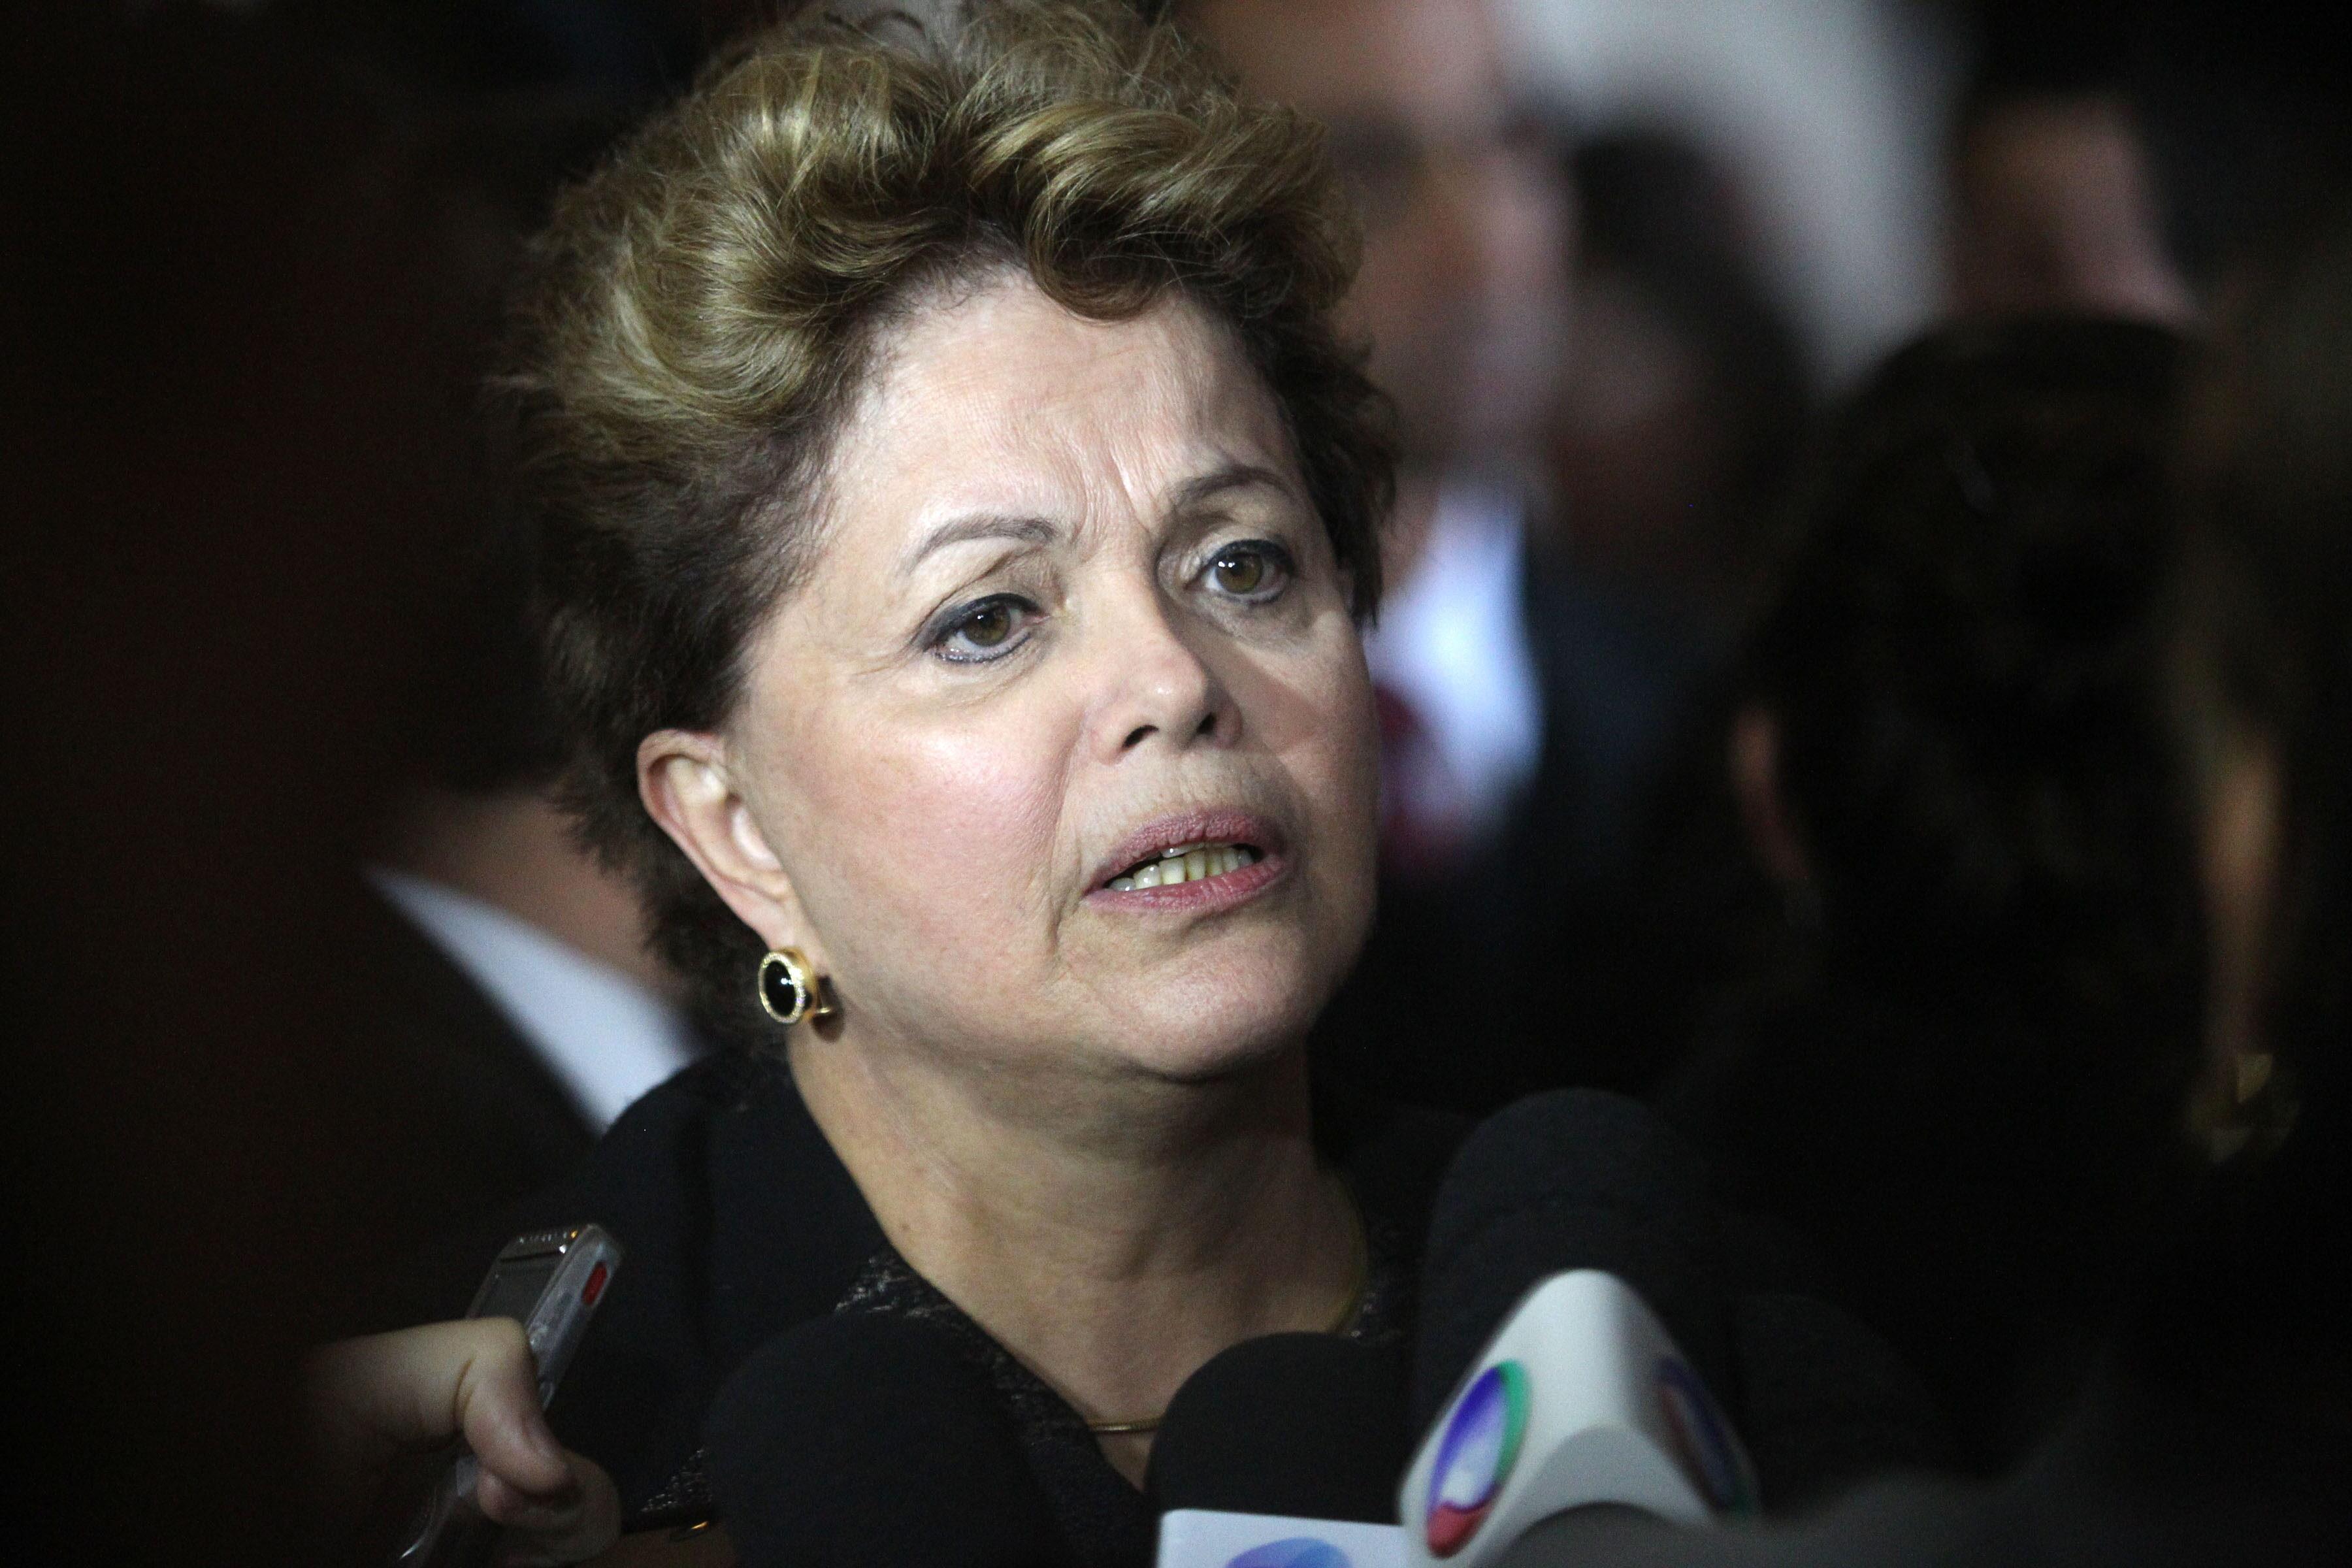 Rousseff deja claro su malestar con Obama al cancelar su visita de Estado a EE.UU.